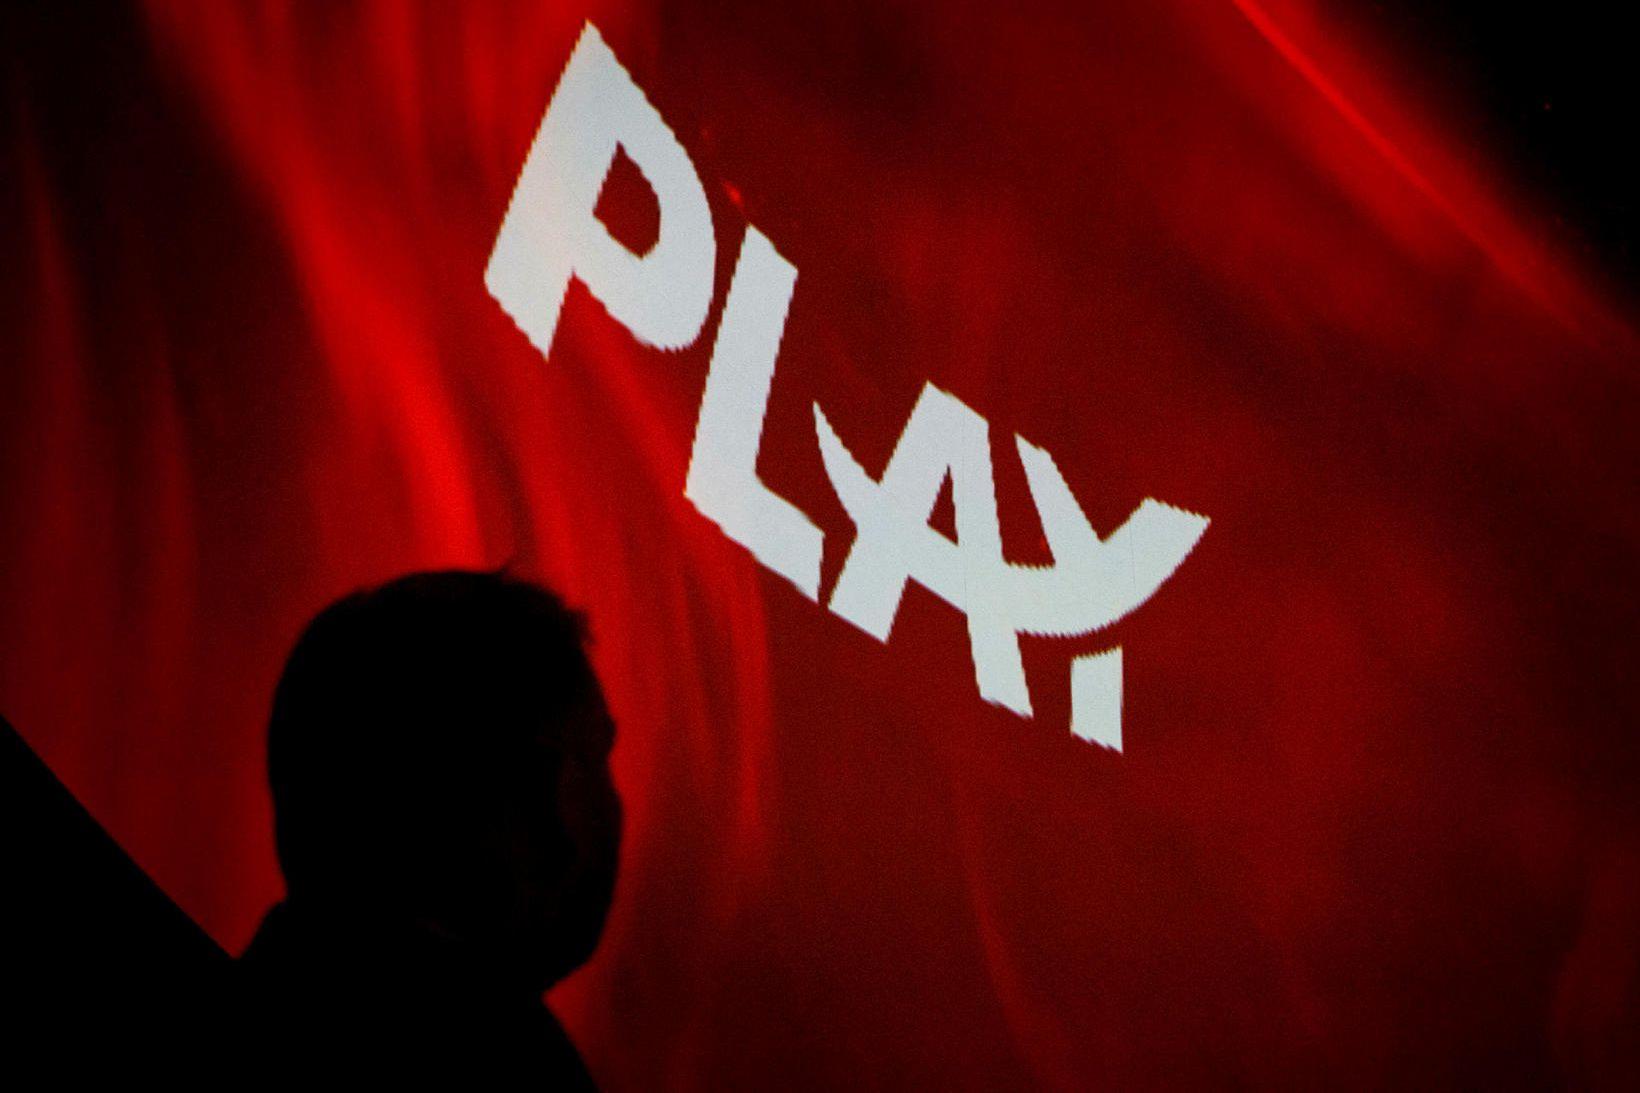 Frá blaðamannafundi í gær þar sem Play var kynnt til …